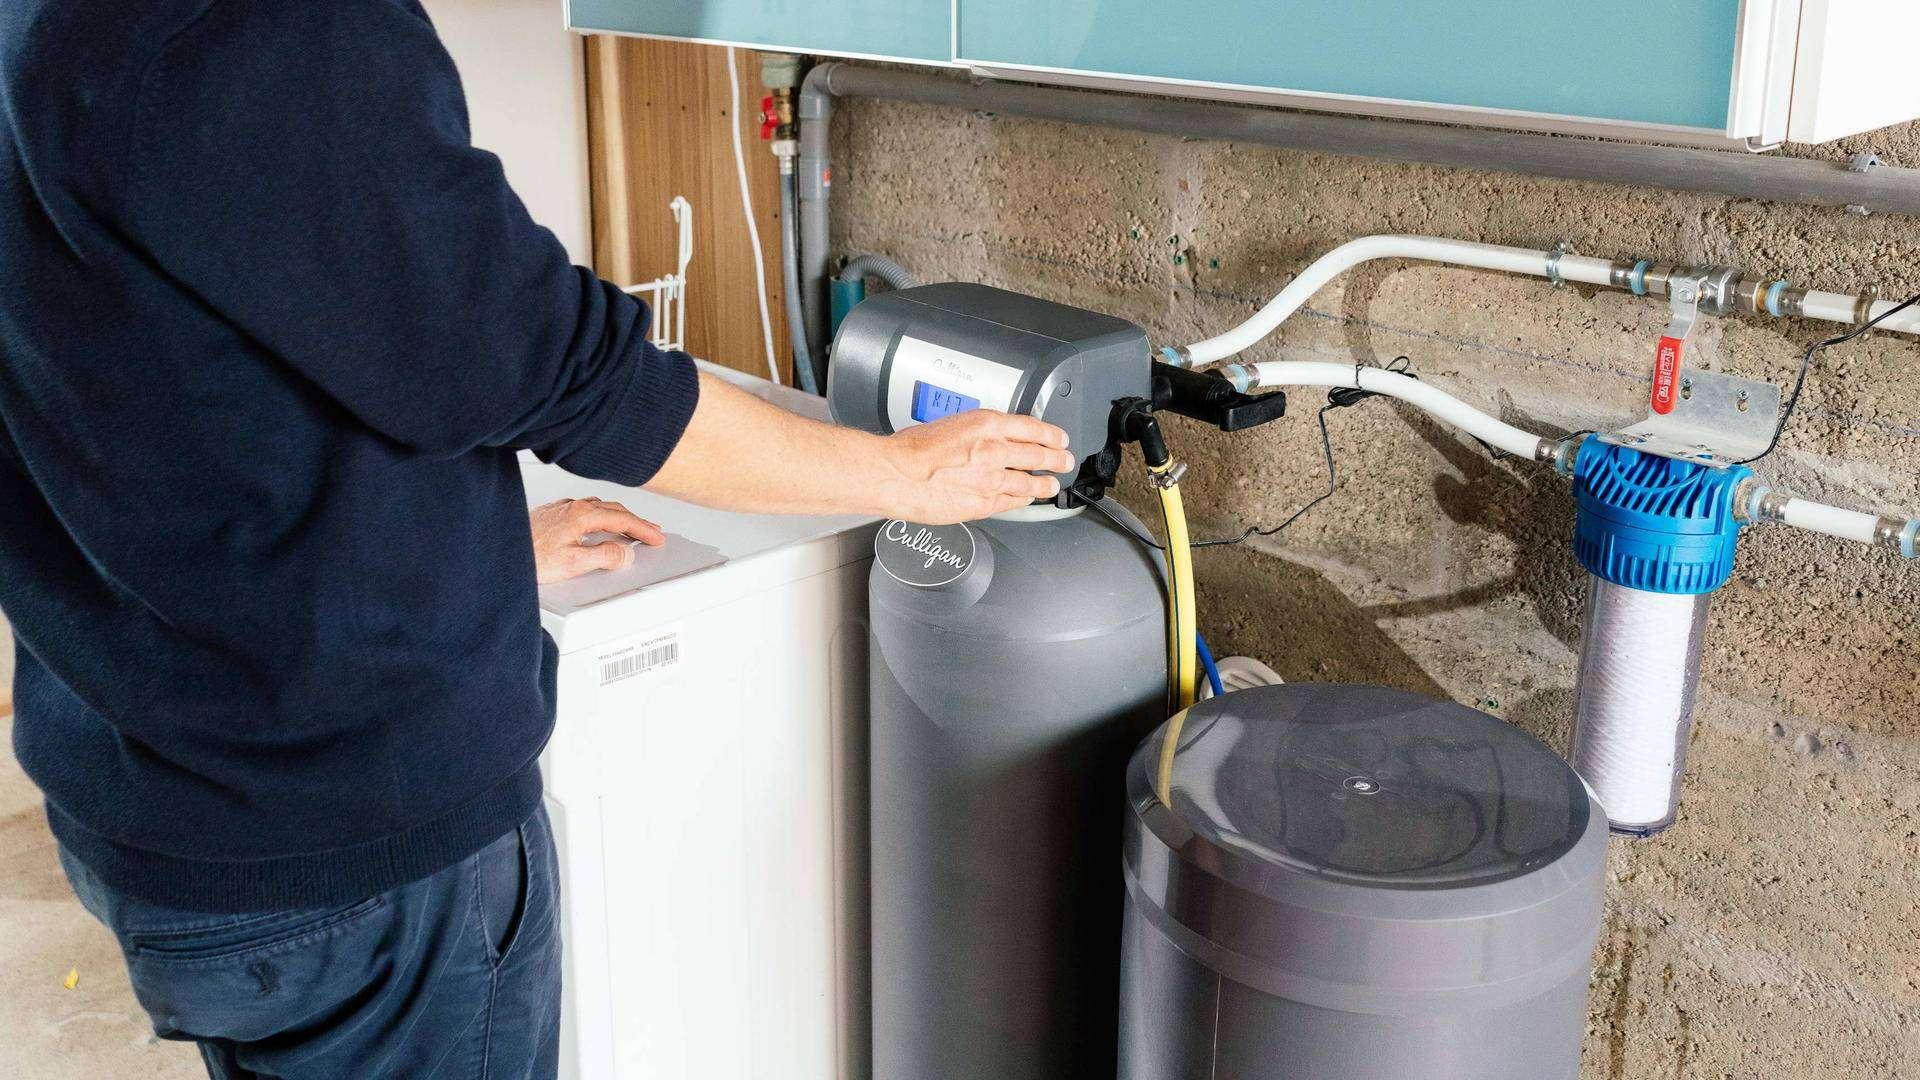 système de filtration d'eau pour le café, adoucisseur maison